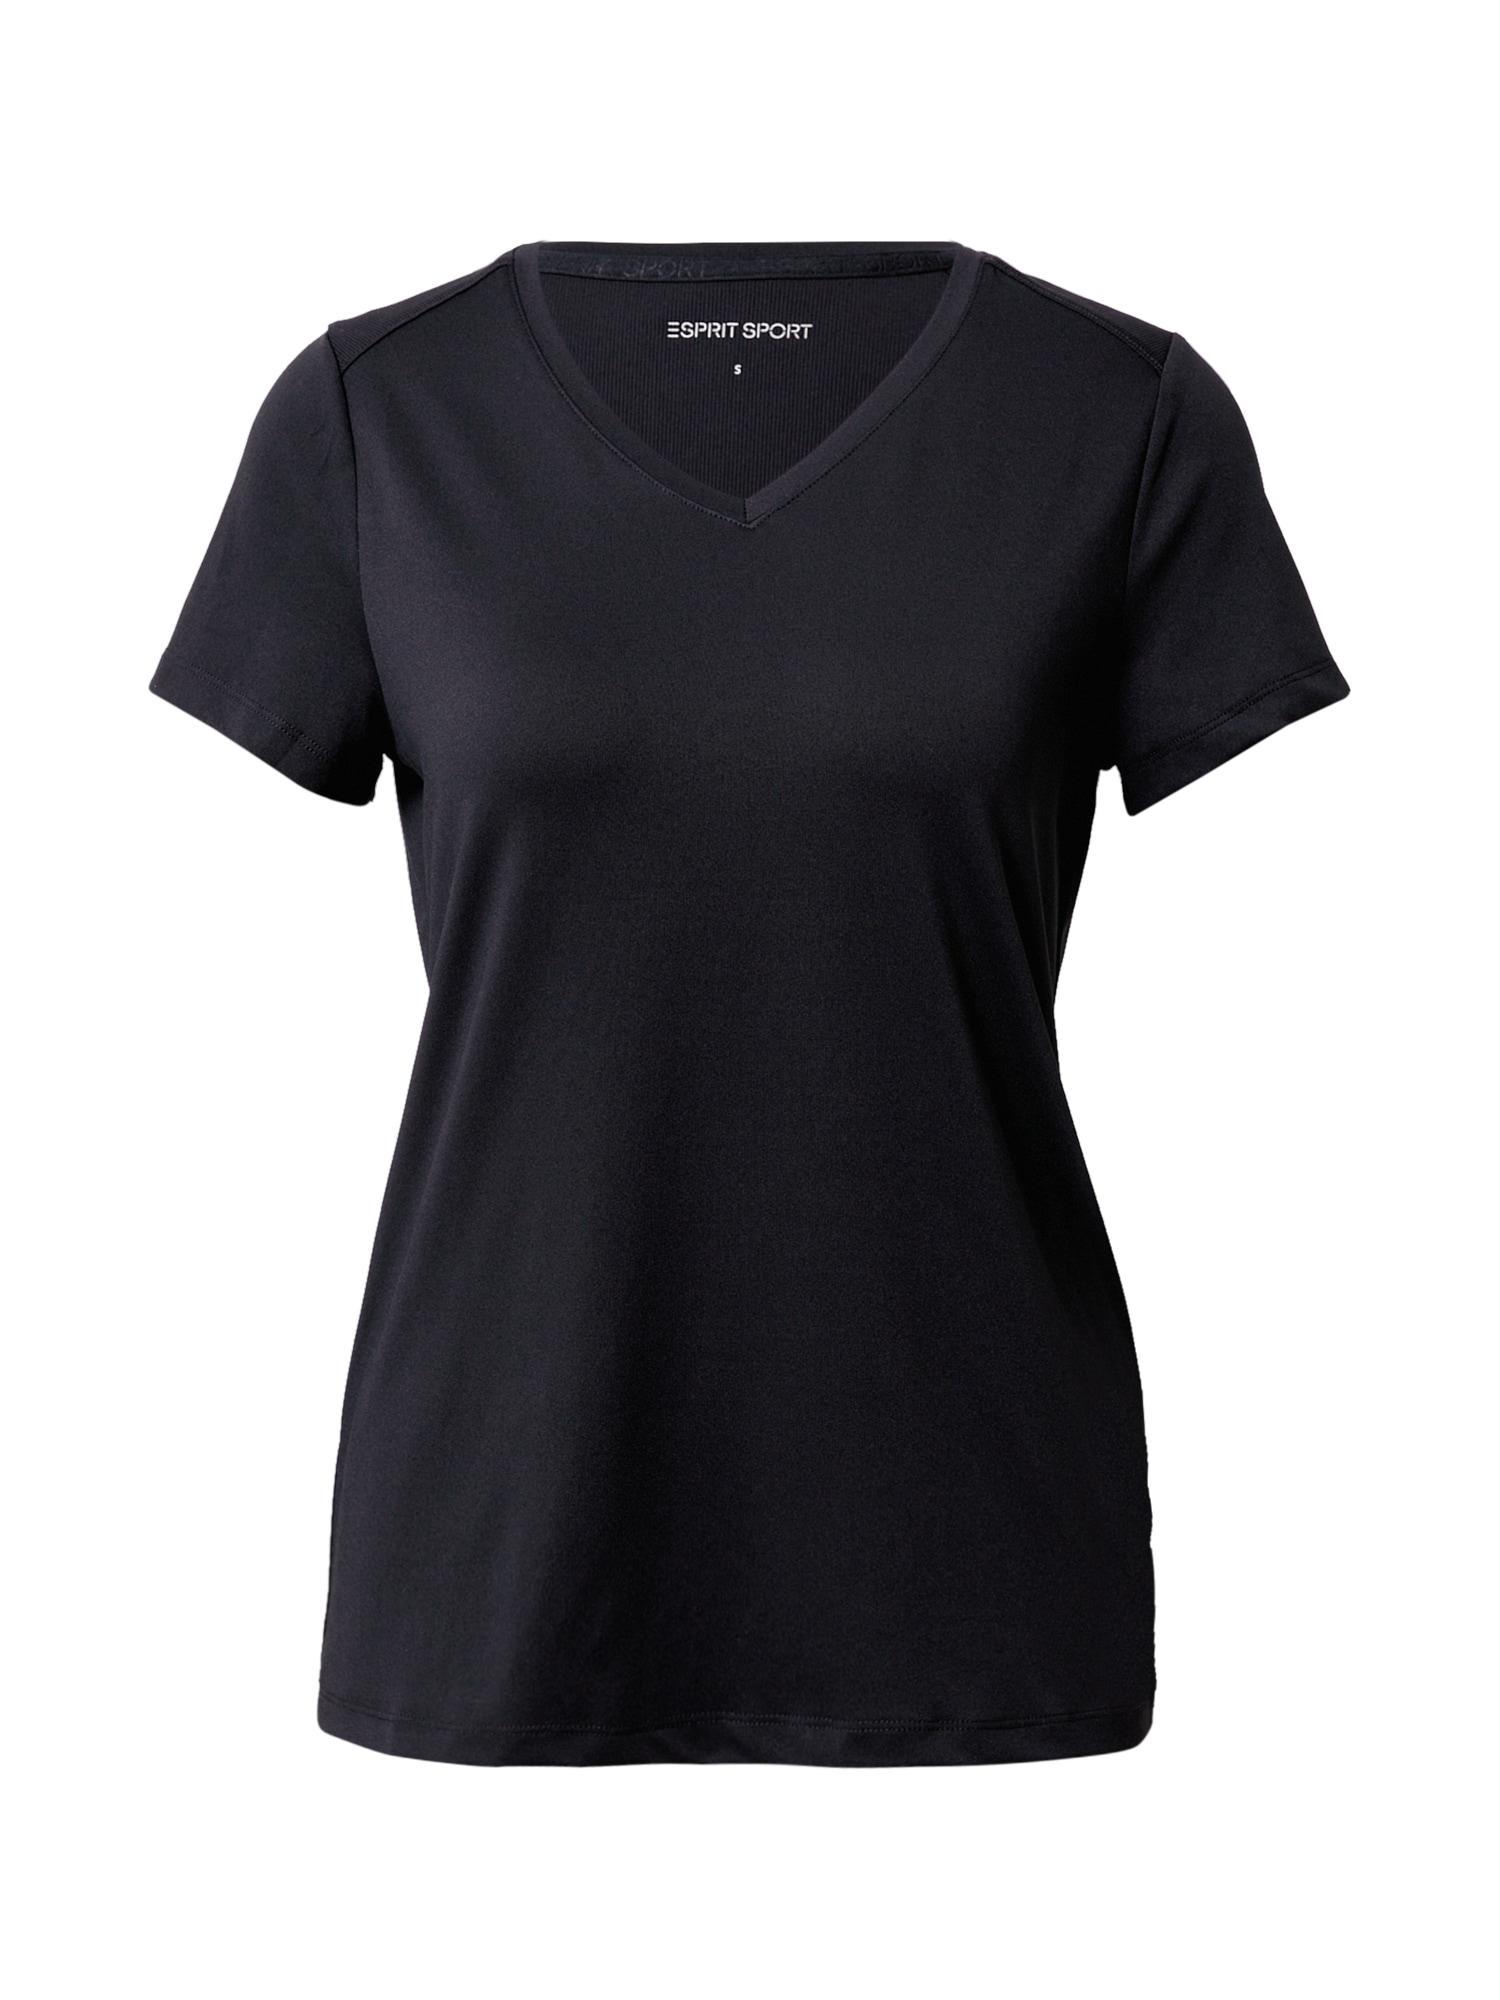 ESPRIT SPORT Sportiniai marškinėliai juoda